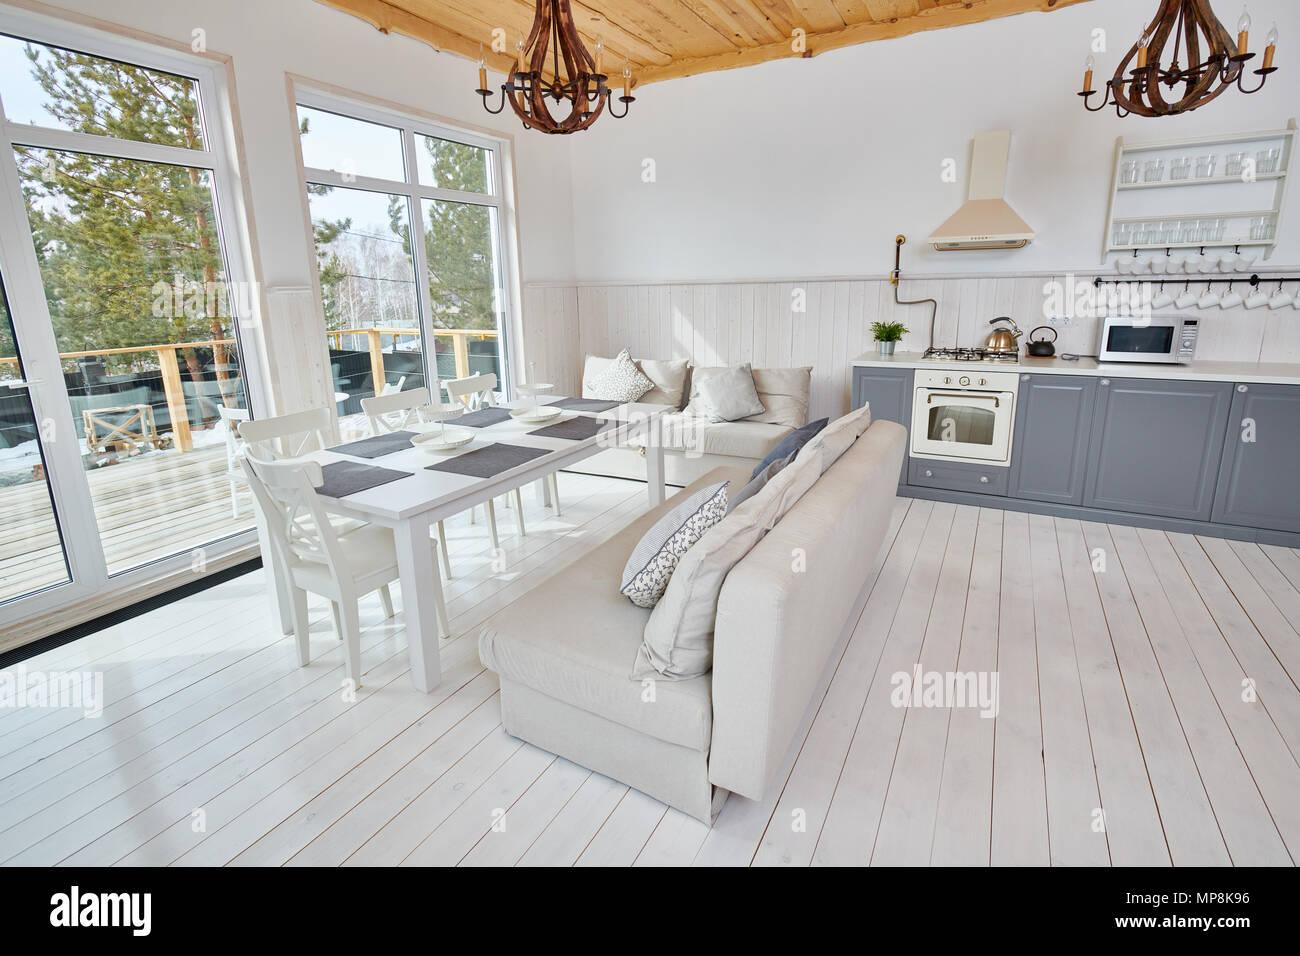 Soffitti In Legno Bianco : Pannelli finto legno per soffitto con pannello tavolato rustico